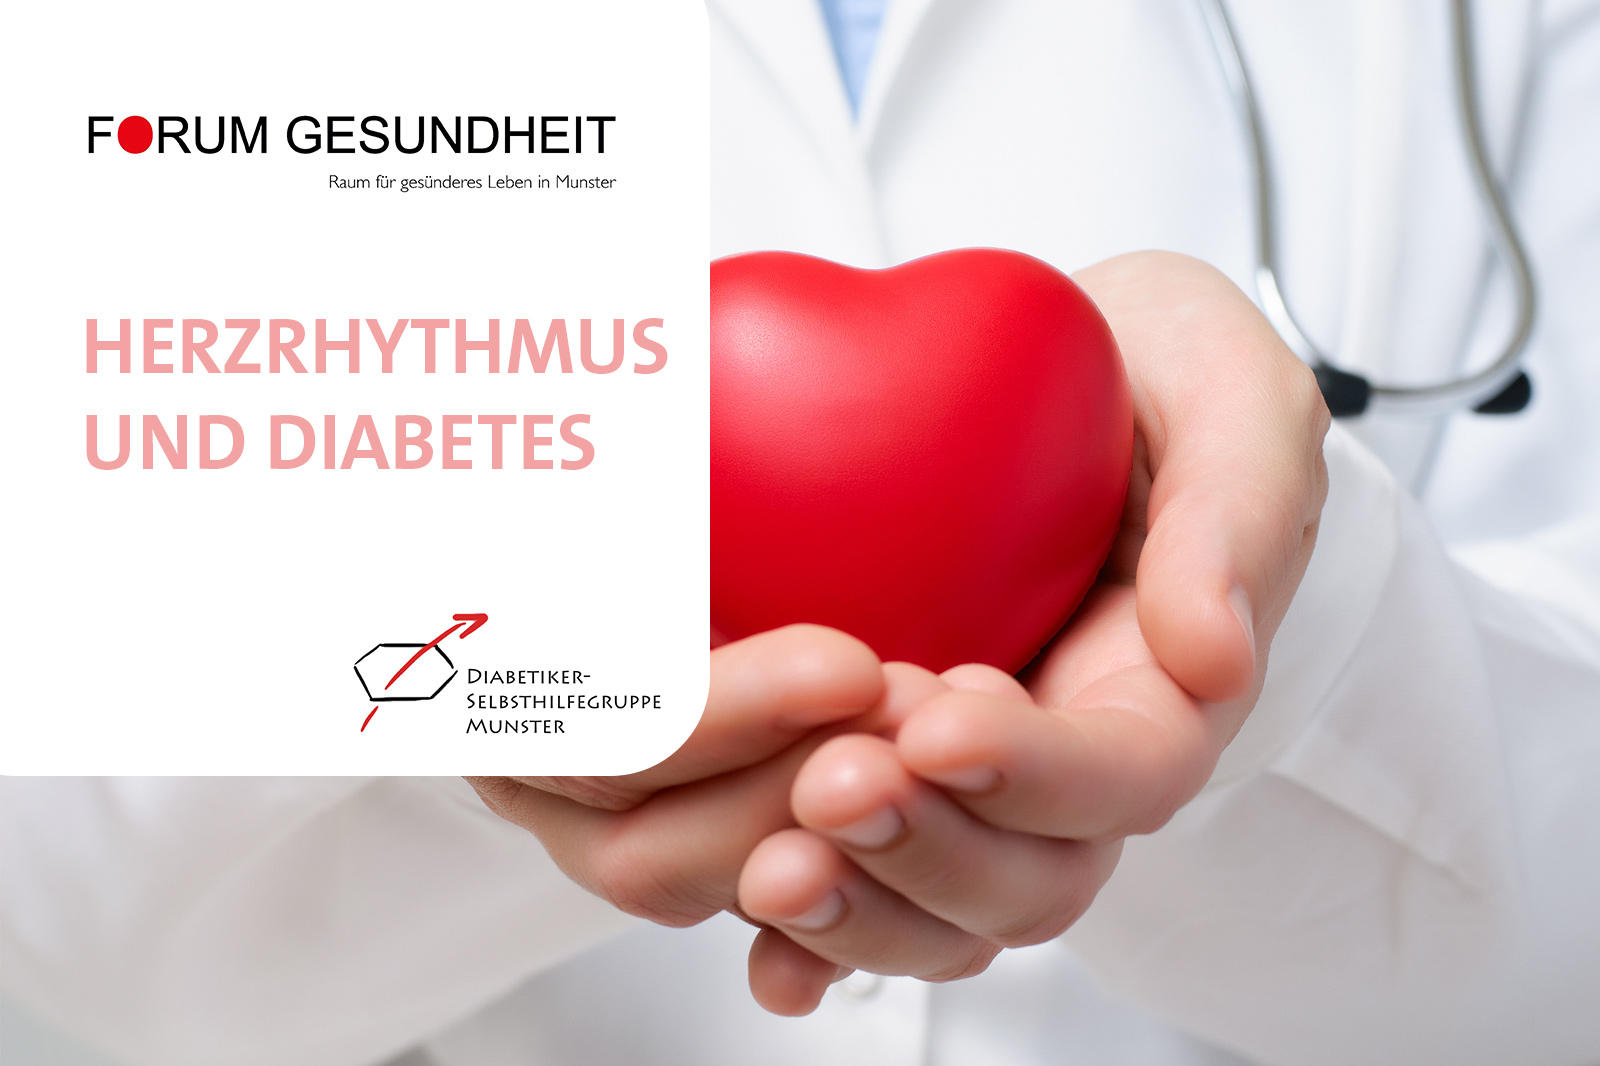 Herzrhythmusstörungen und Diabetes